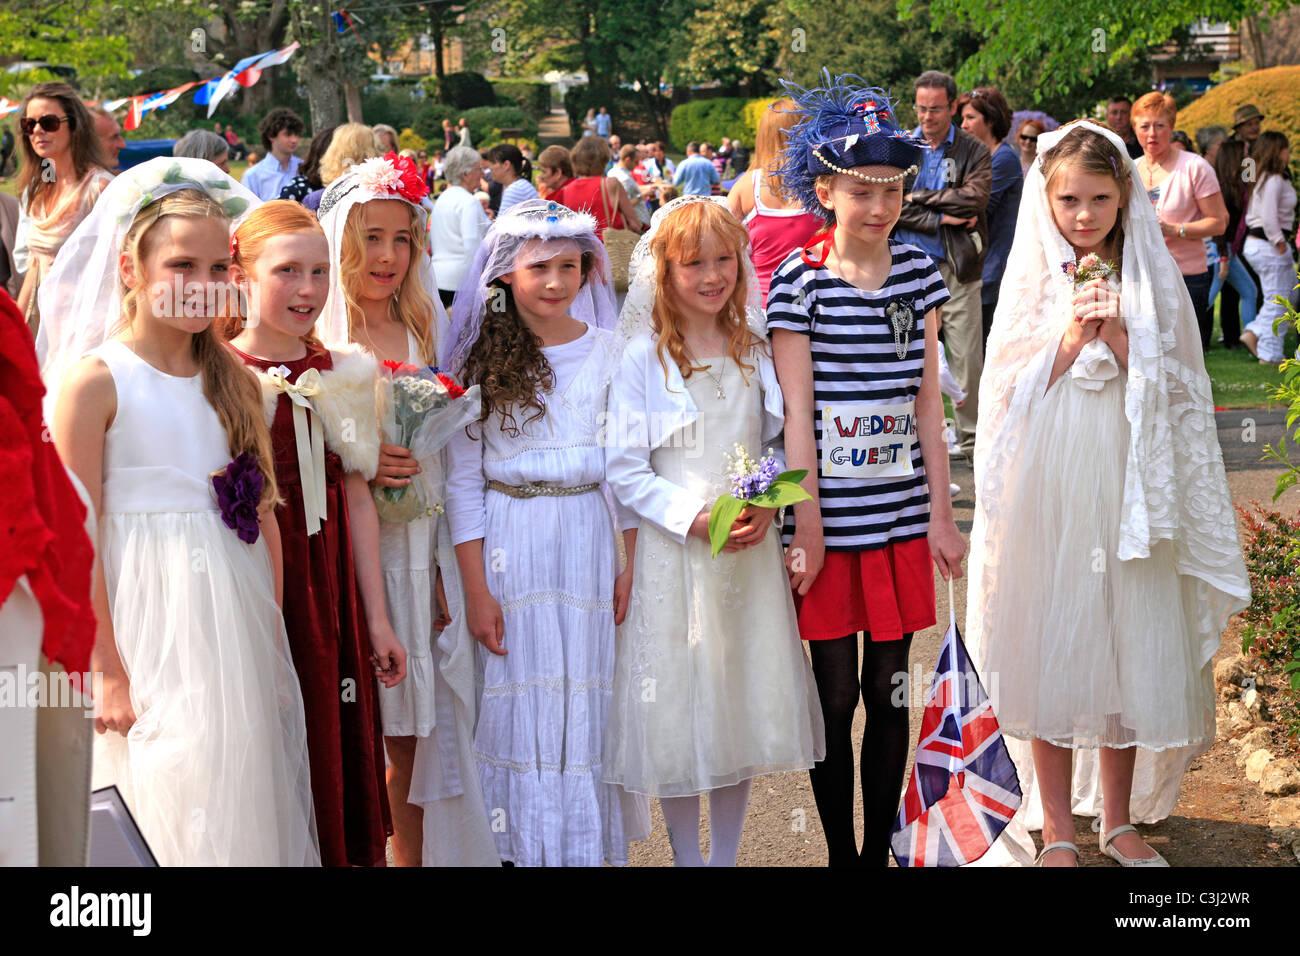 Mädchen im frühen Teenageralter gekleidet in Hochzeiten Kleider auf ...